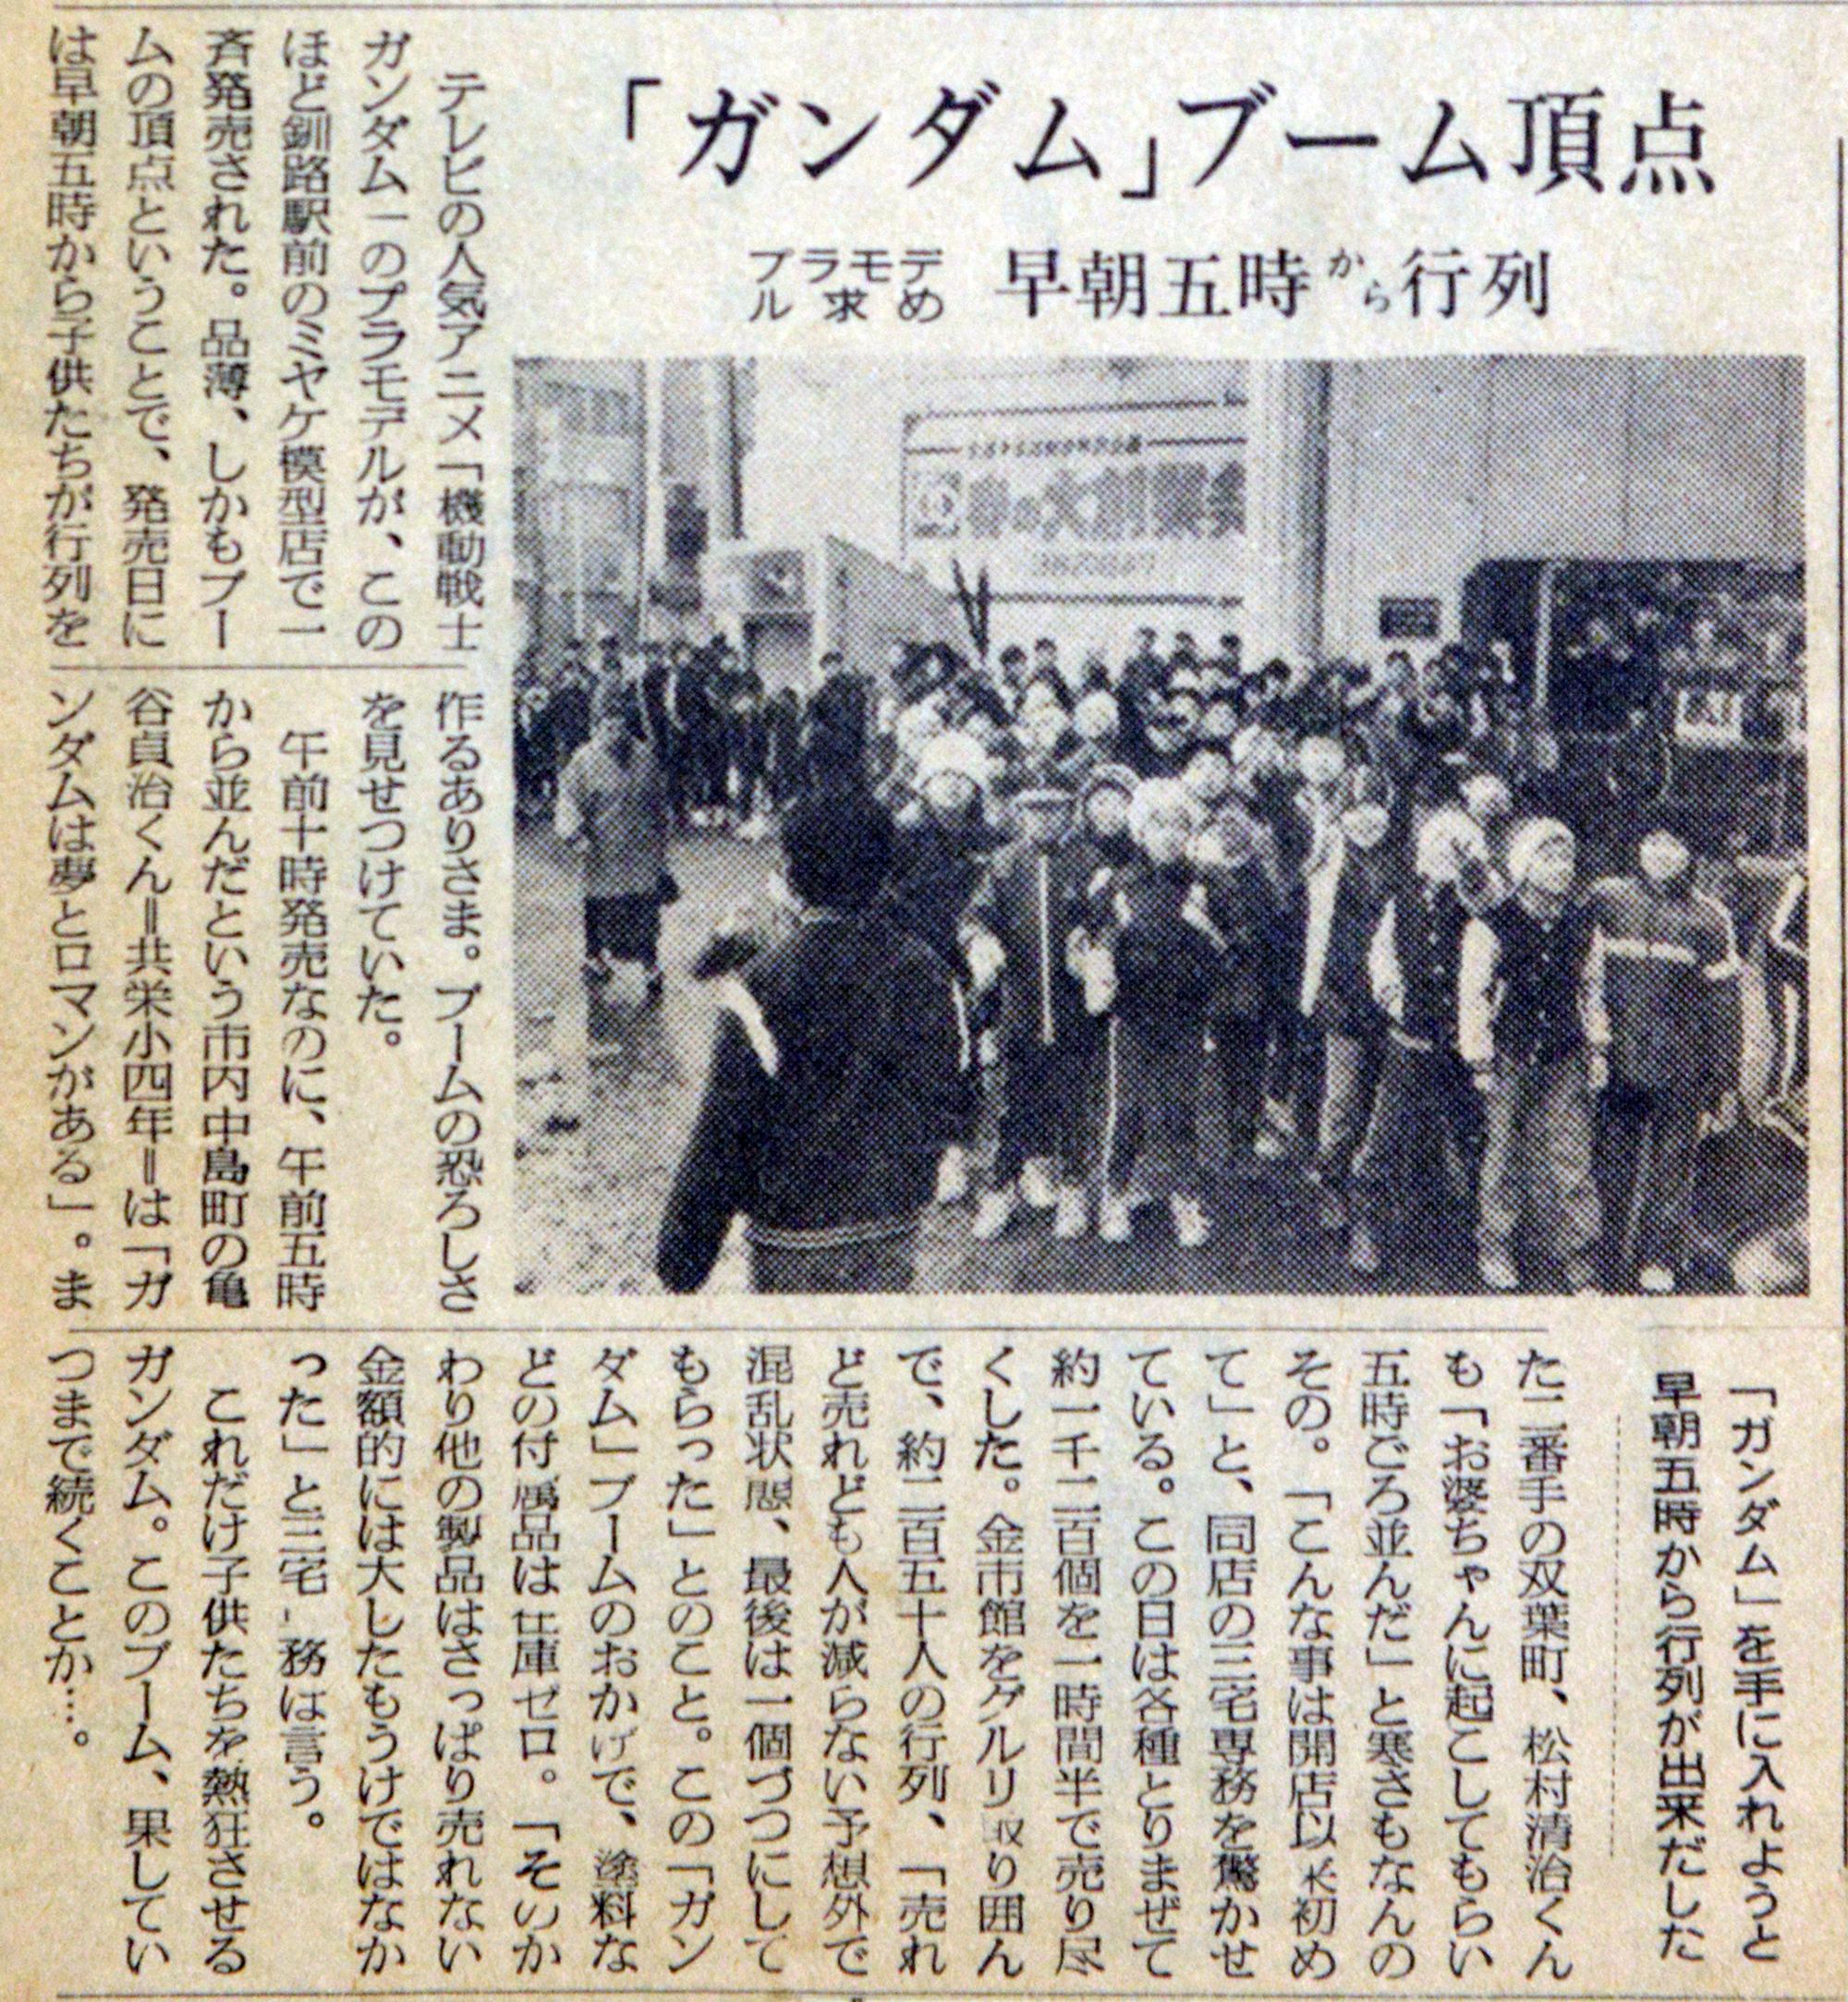 1981-3-29釧路新聞